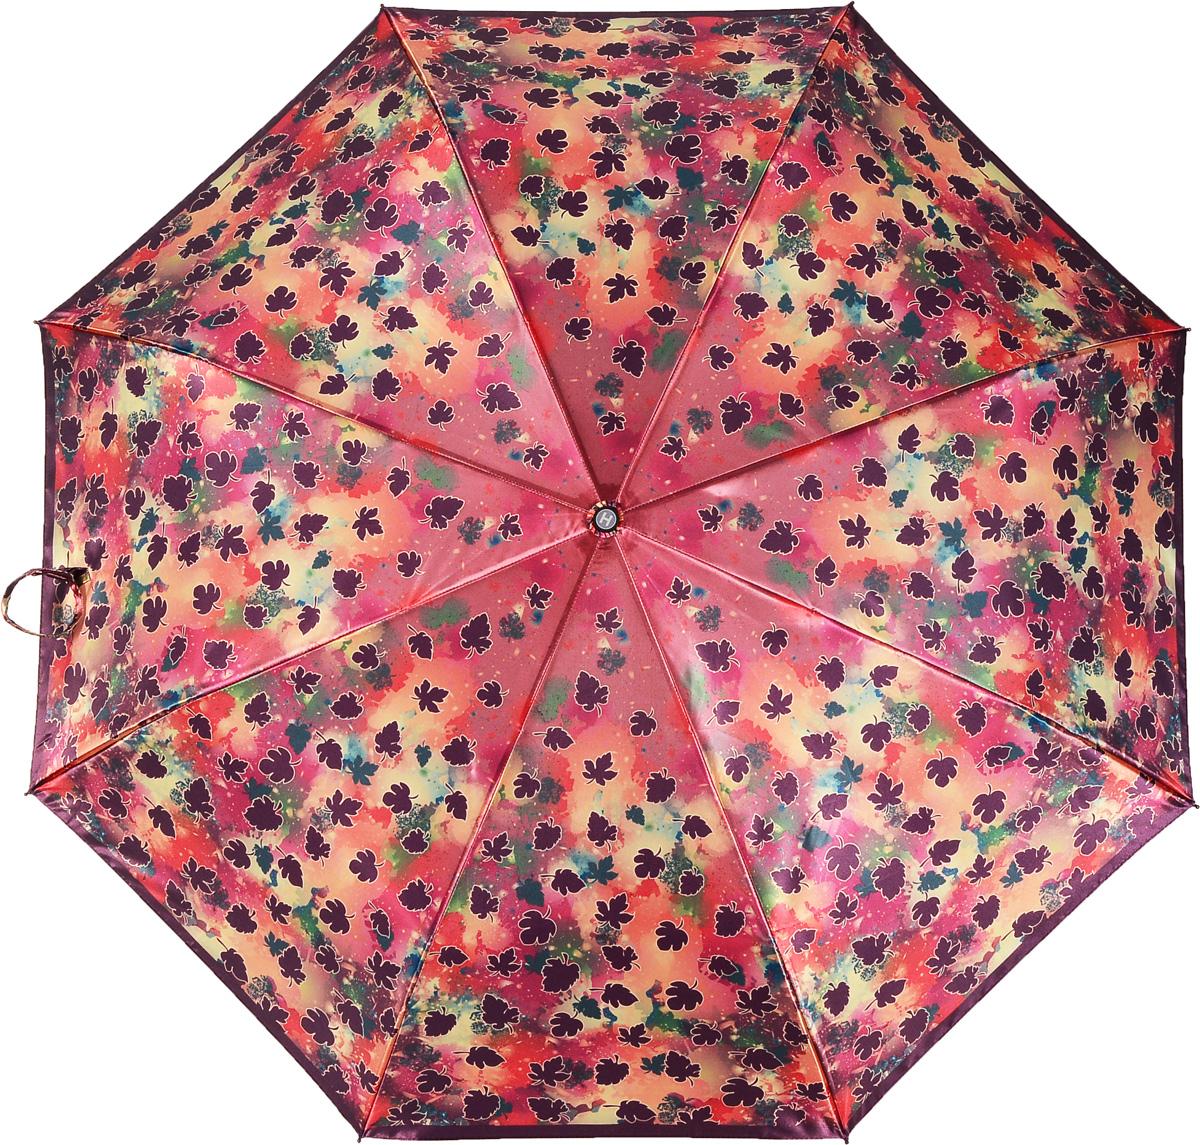 Зонт женский Henry Backer, 3 сложения, цвет: мультиколор. U21205 Falling leavesU21205 Falling leavesЭффектный женский зонт «Падающие листья» с сатиновым куполом, автомат У зонта прочный стальной ветроустойчивый каркас с элементами из фибергласса. Рукоятка выполнена из комфортного для ладони, нескользящего материала.